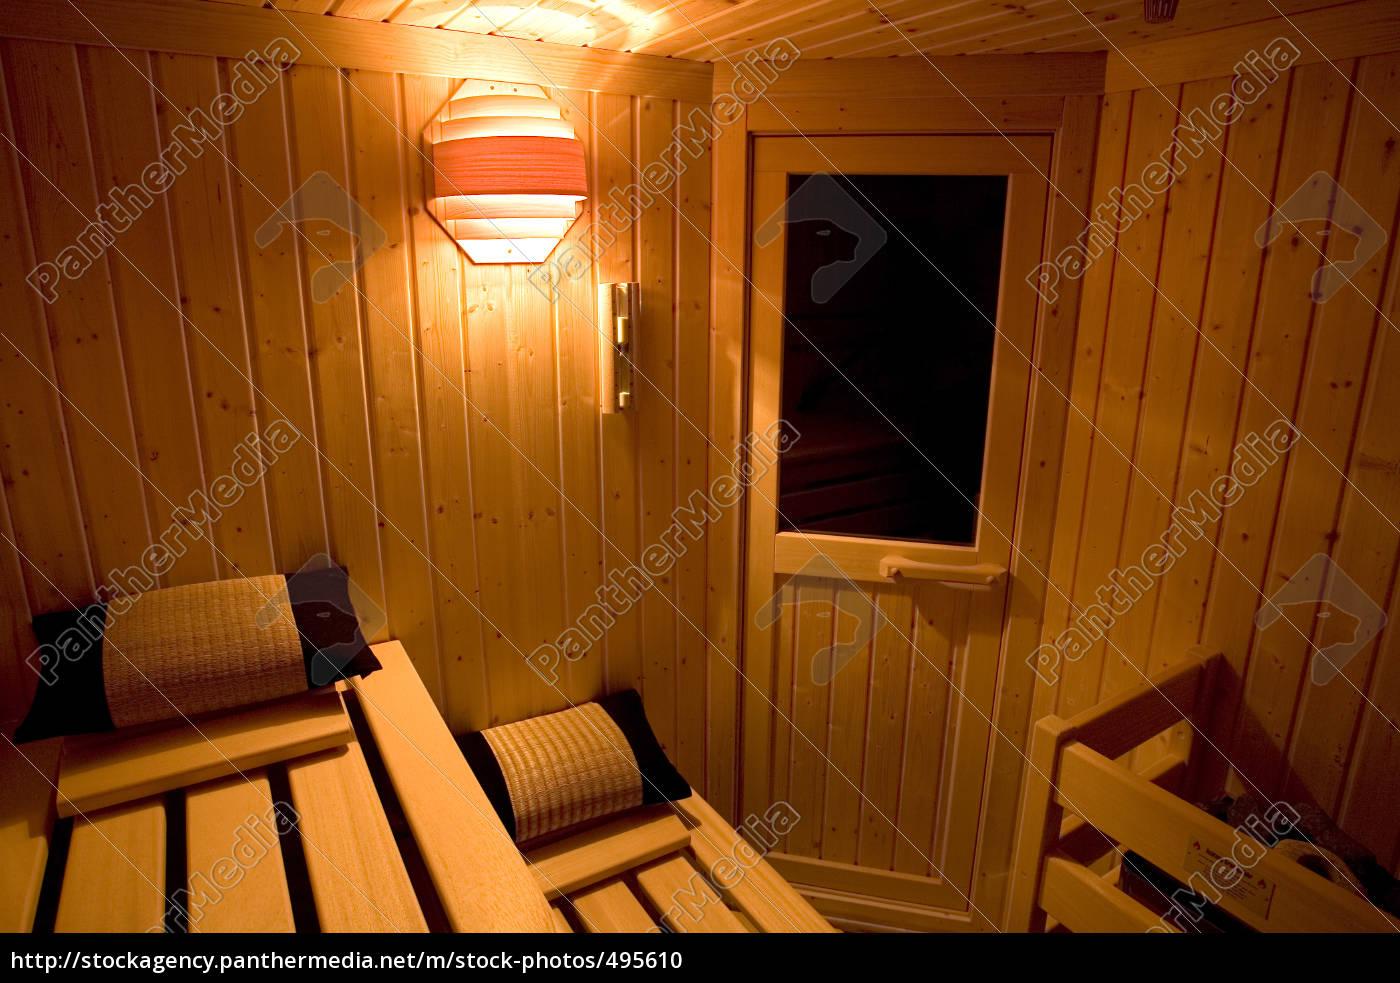 sauna, inside - 495610